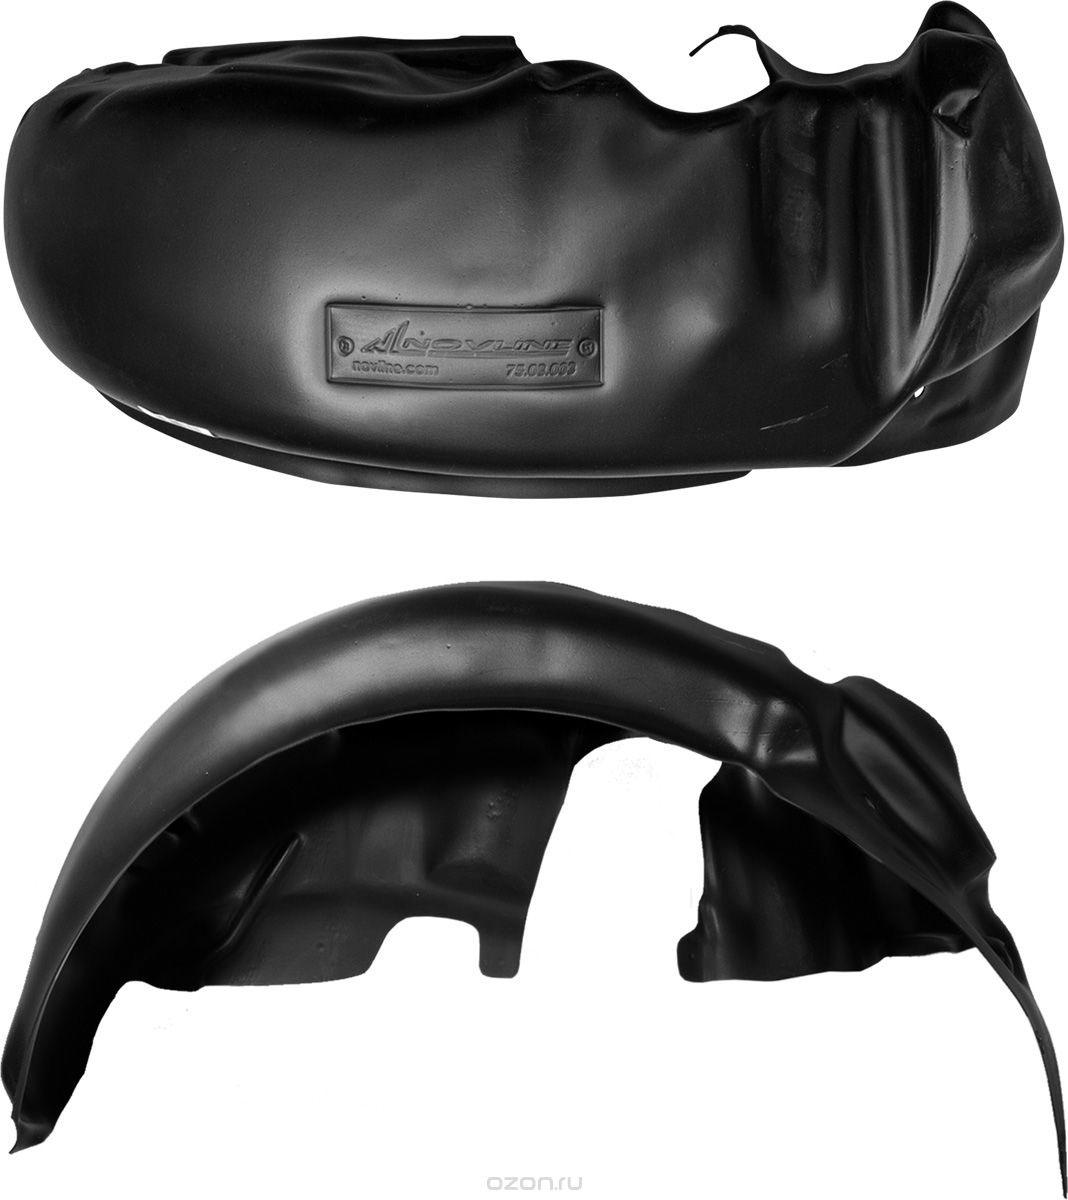 Подкрылок Novline-Autofamily, для FORD Ecosport 2WD, 2014->, задний правыйVT-1840-BKИдеальная защита колесной ниши. Локеры разработаны с применением цифровых технологий, гарантируют максимальную повторяемость поверхности арки. Изделия устанавливаются без нарушения лакокрасочного покрытия автомобиля, каждый подкрылок комплектуется крепежом. Уважаемые клиенты, обращаем ваше внимание, что фотографии на подкрылки универсальные и не отражают реальную форму изделия. При этом само изделие идет точно под размер указанного автомобиля.